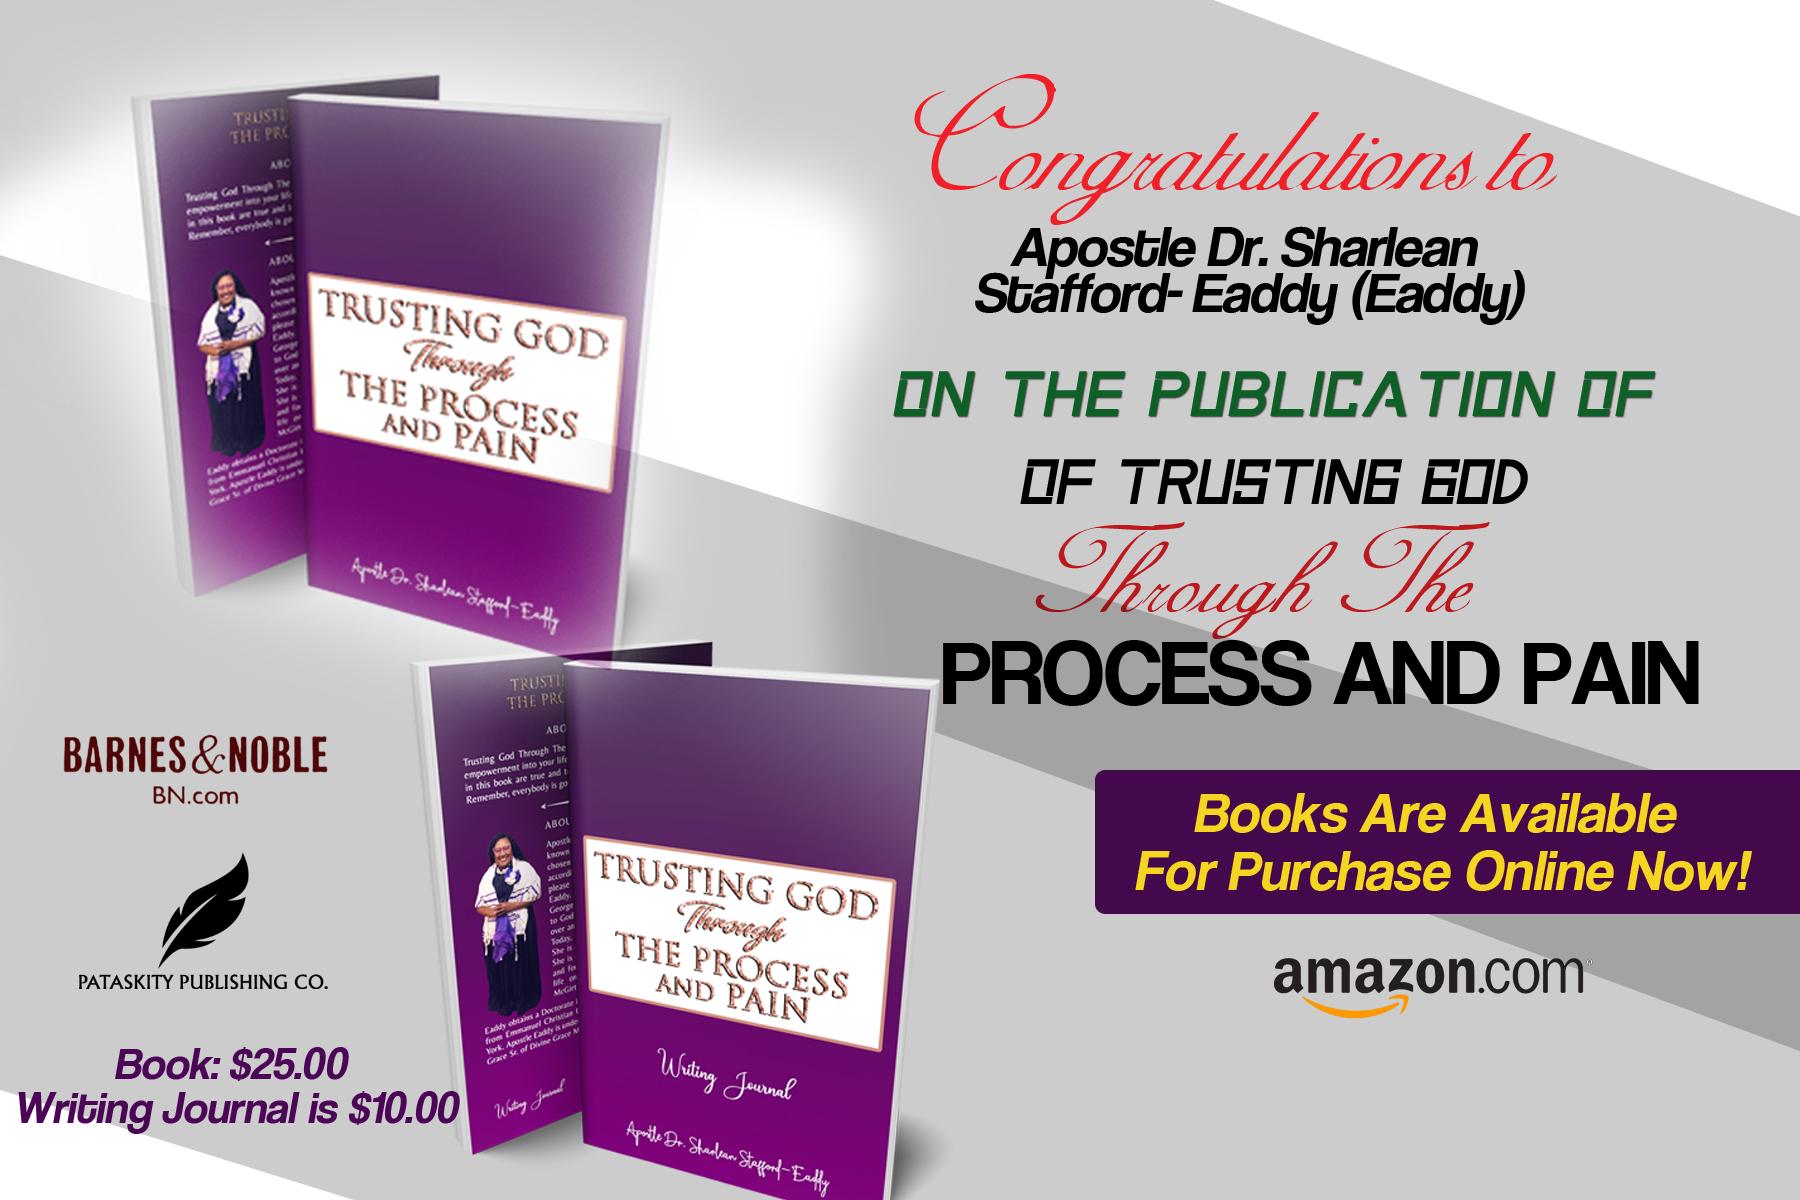 Pataskity Celebrates Our Newest Published Author